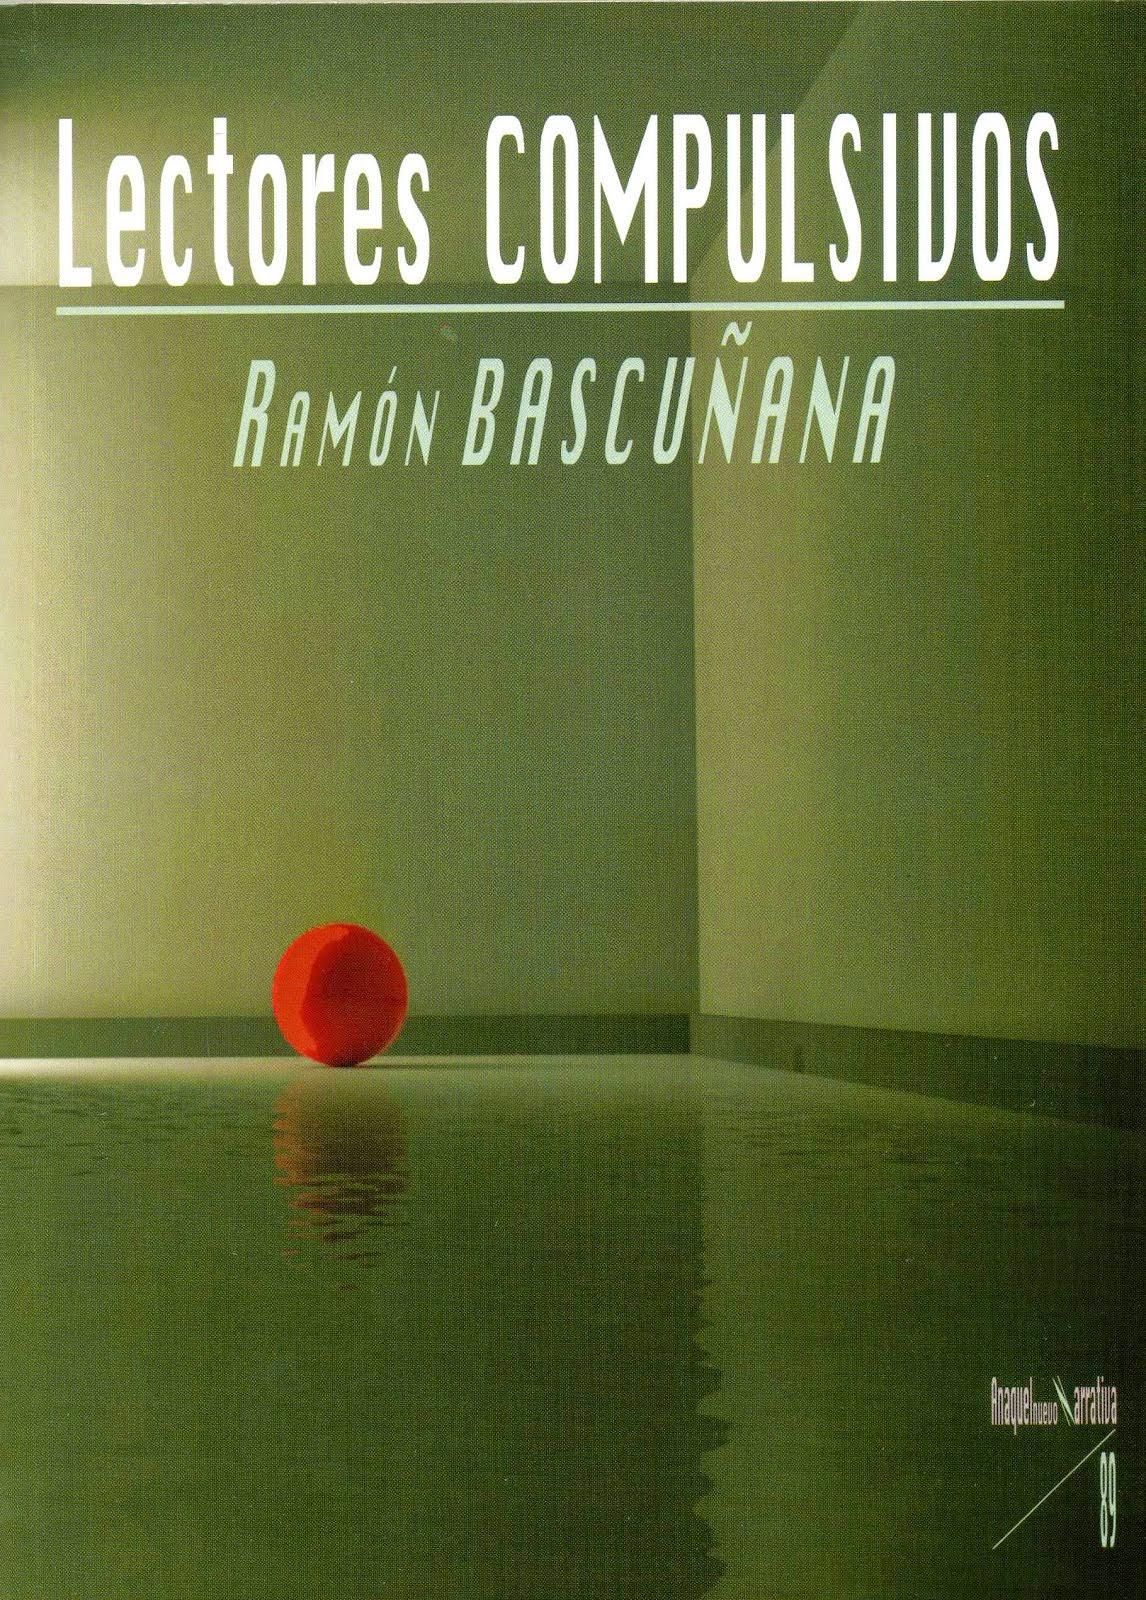 LECTORES COMPULSIVOS [2011]